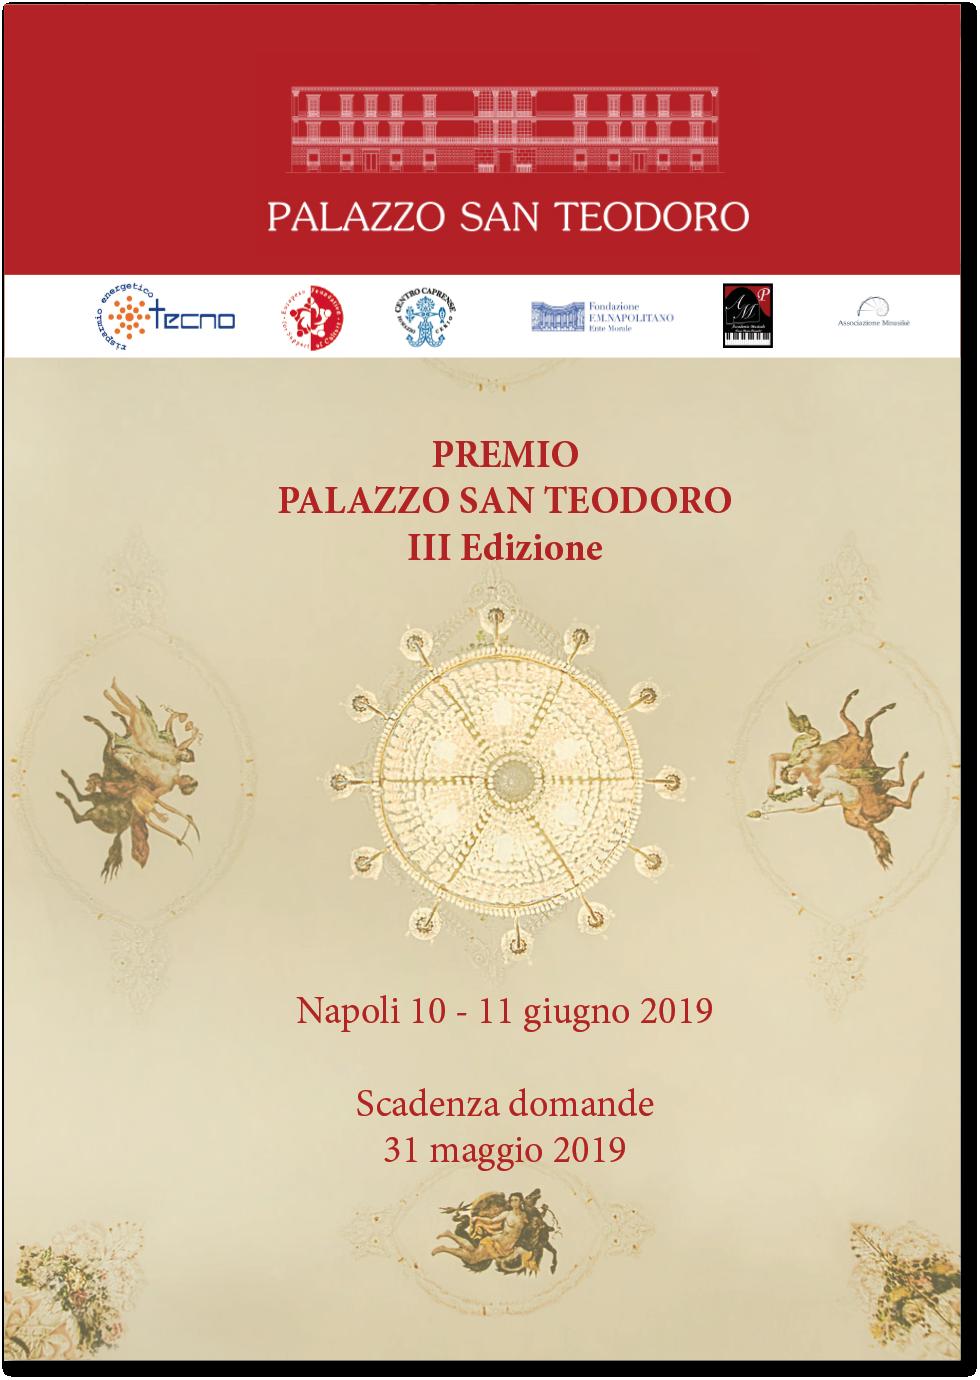 BANDO_PREMIO_PALAZZO_SAN_TEODORO_definitivo